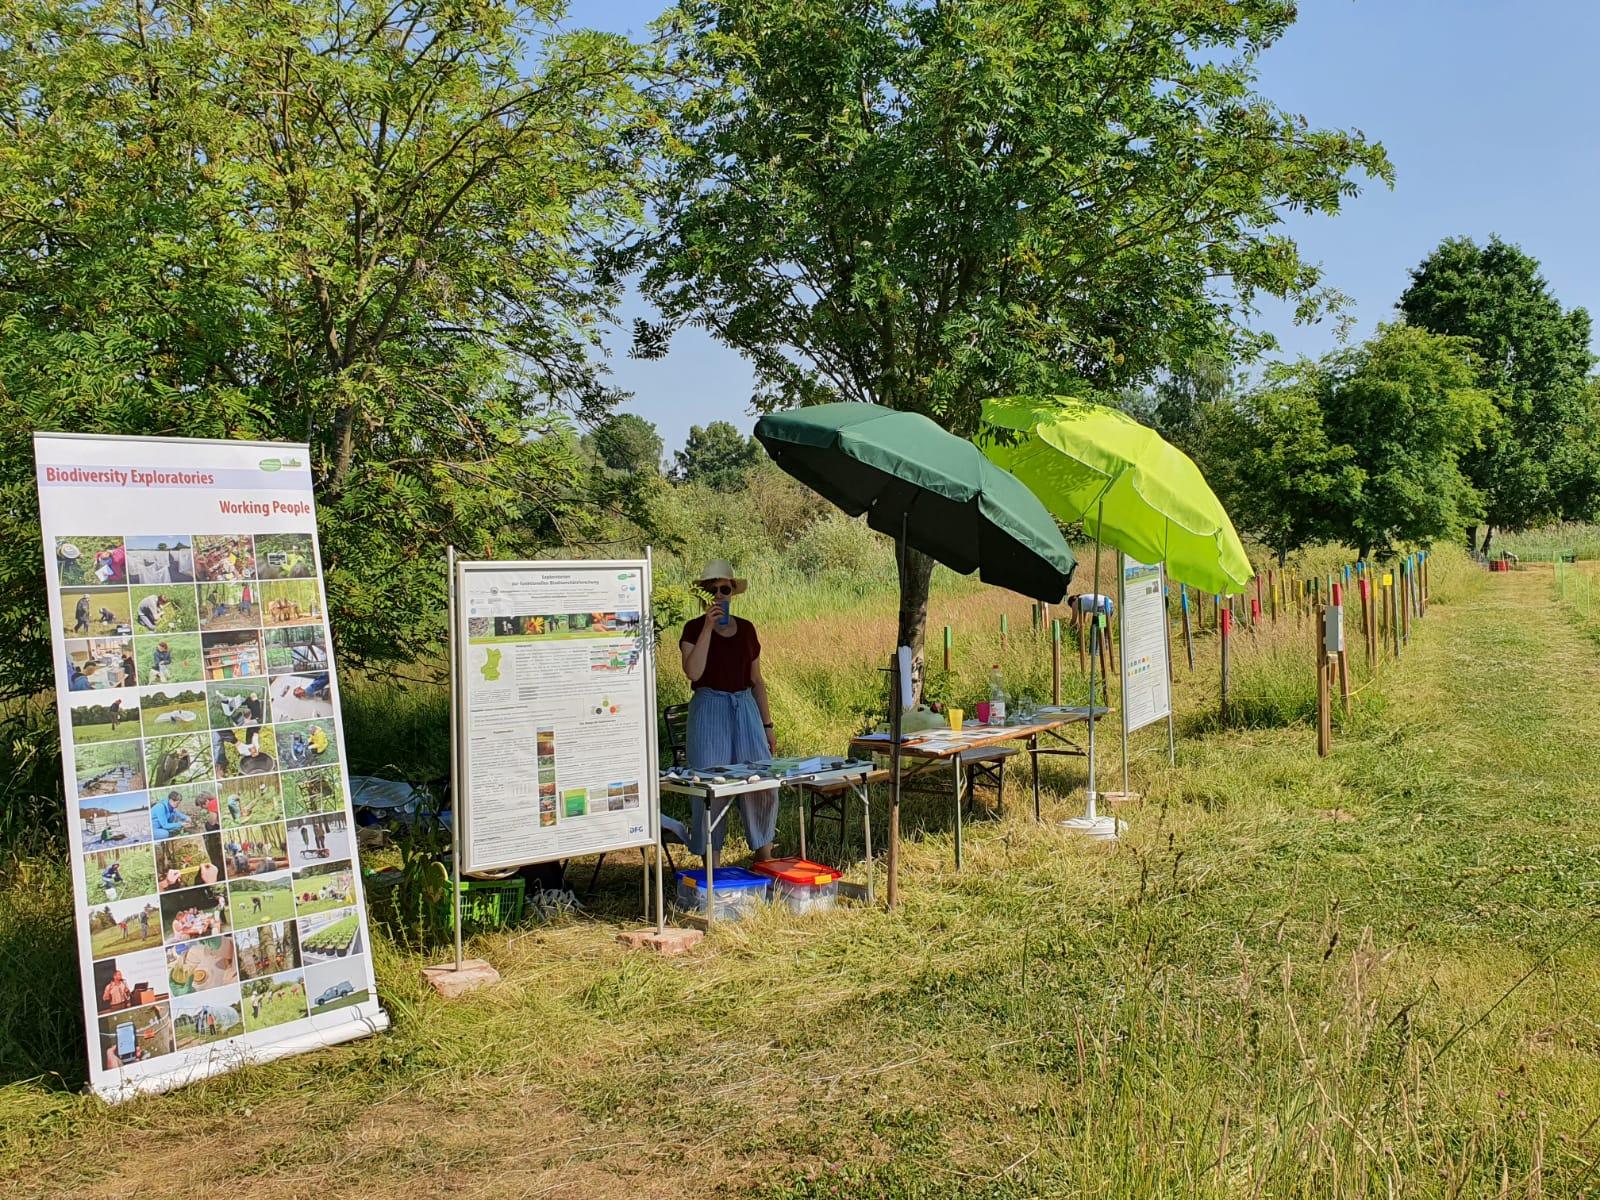 Konzert inmitten der Natur – Biodiversitäts-Exploratorien waren dabei!